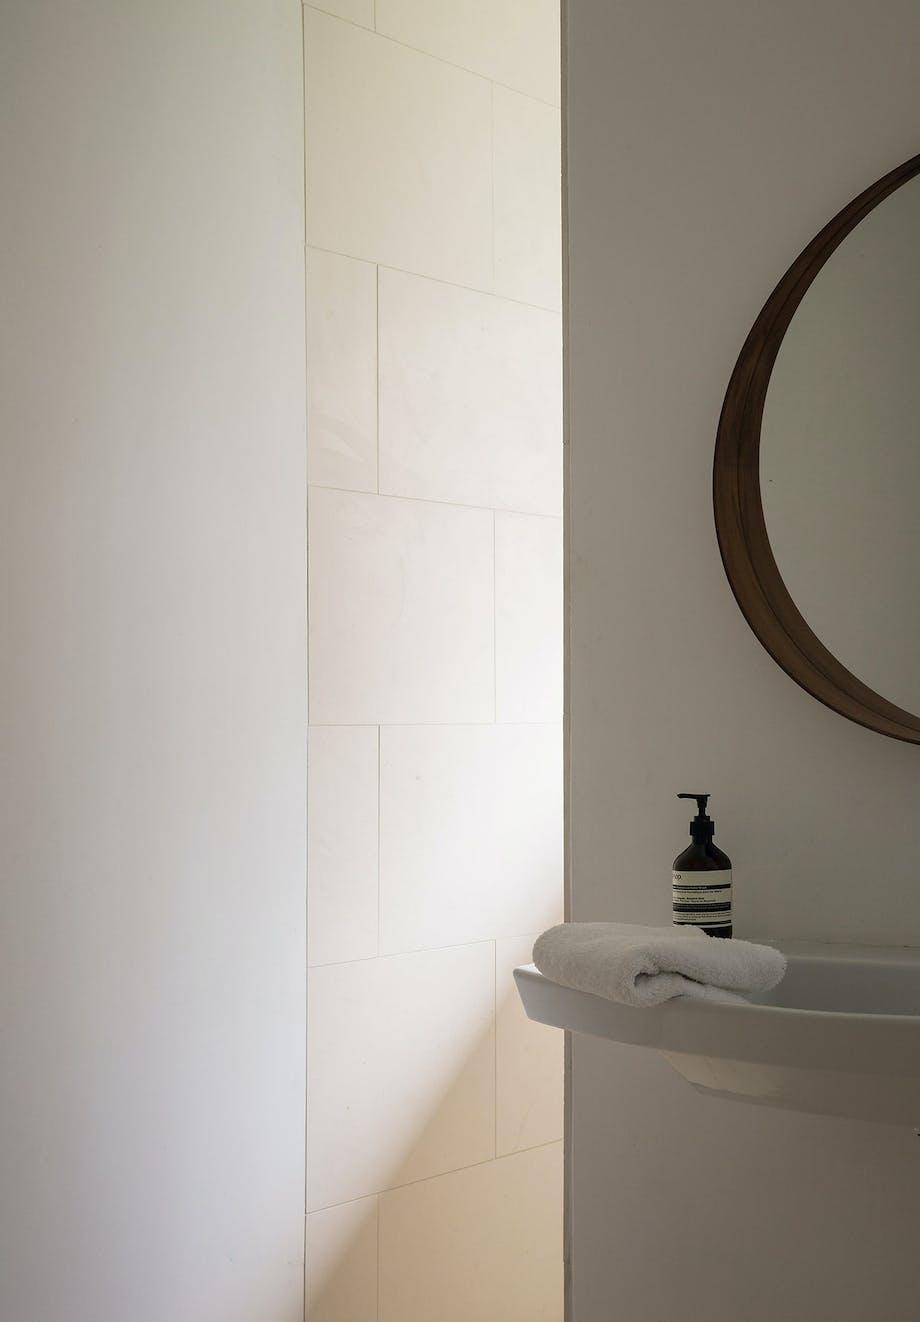 badeværelse rundt ikea spejl aesop sæbe